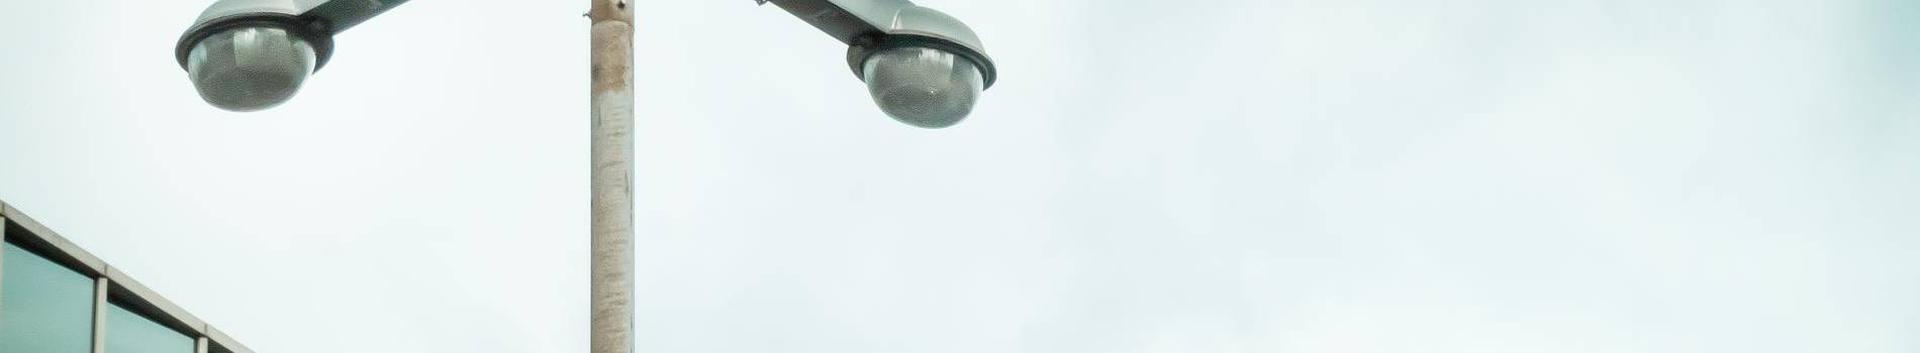 27401_elektriliste-valgustusseadmete-tootmine_88031596_xl.jpg